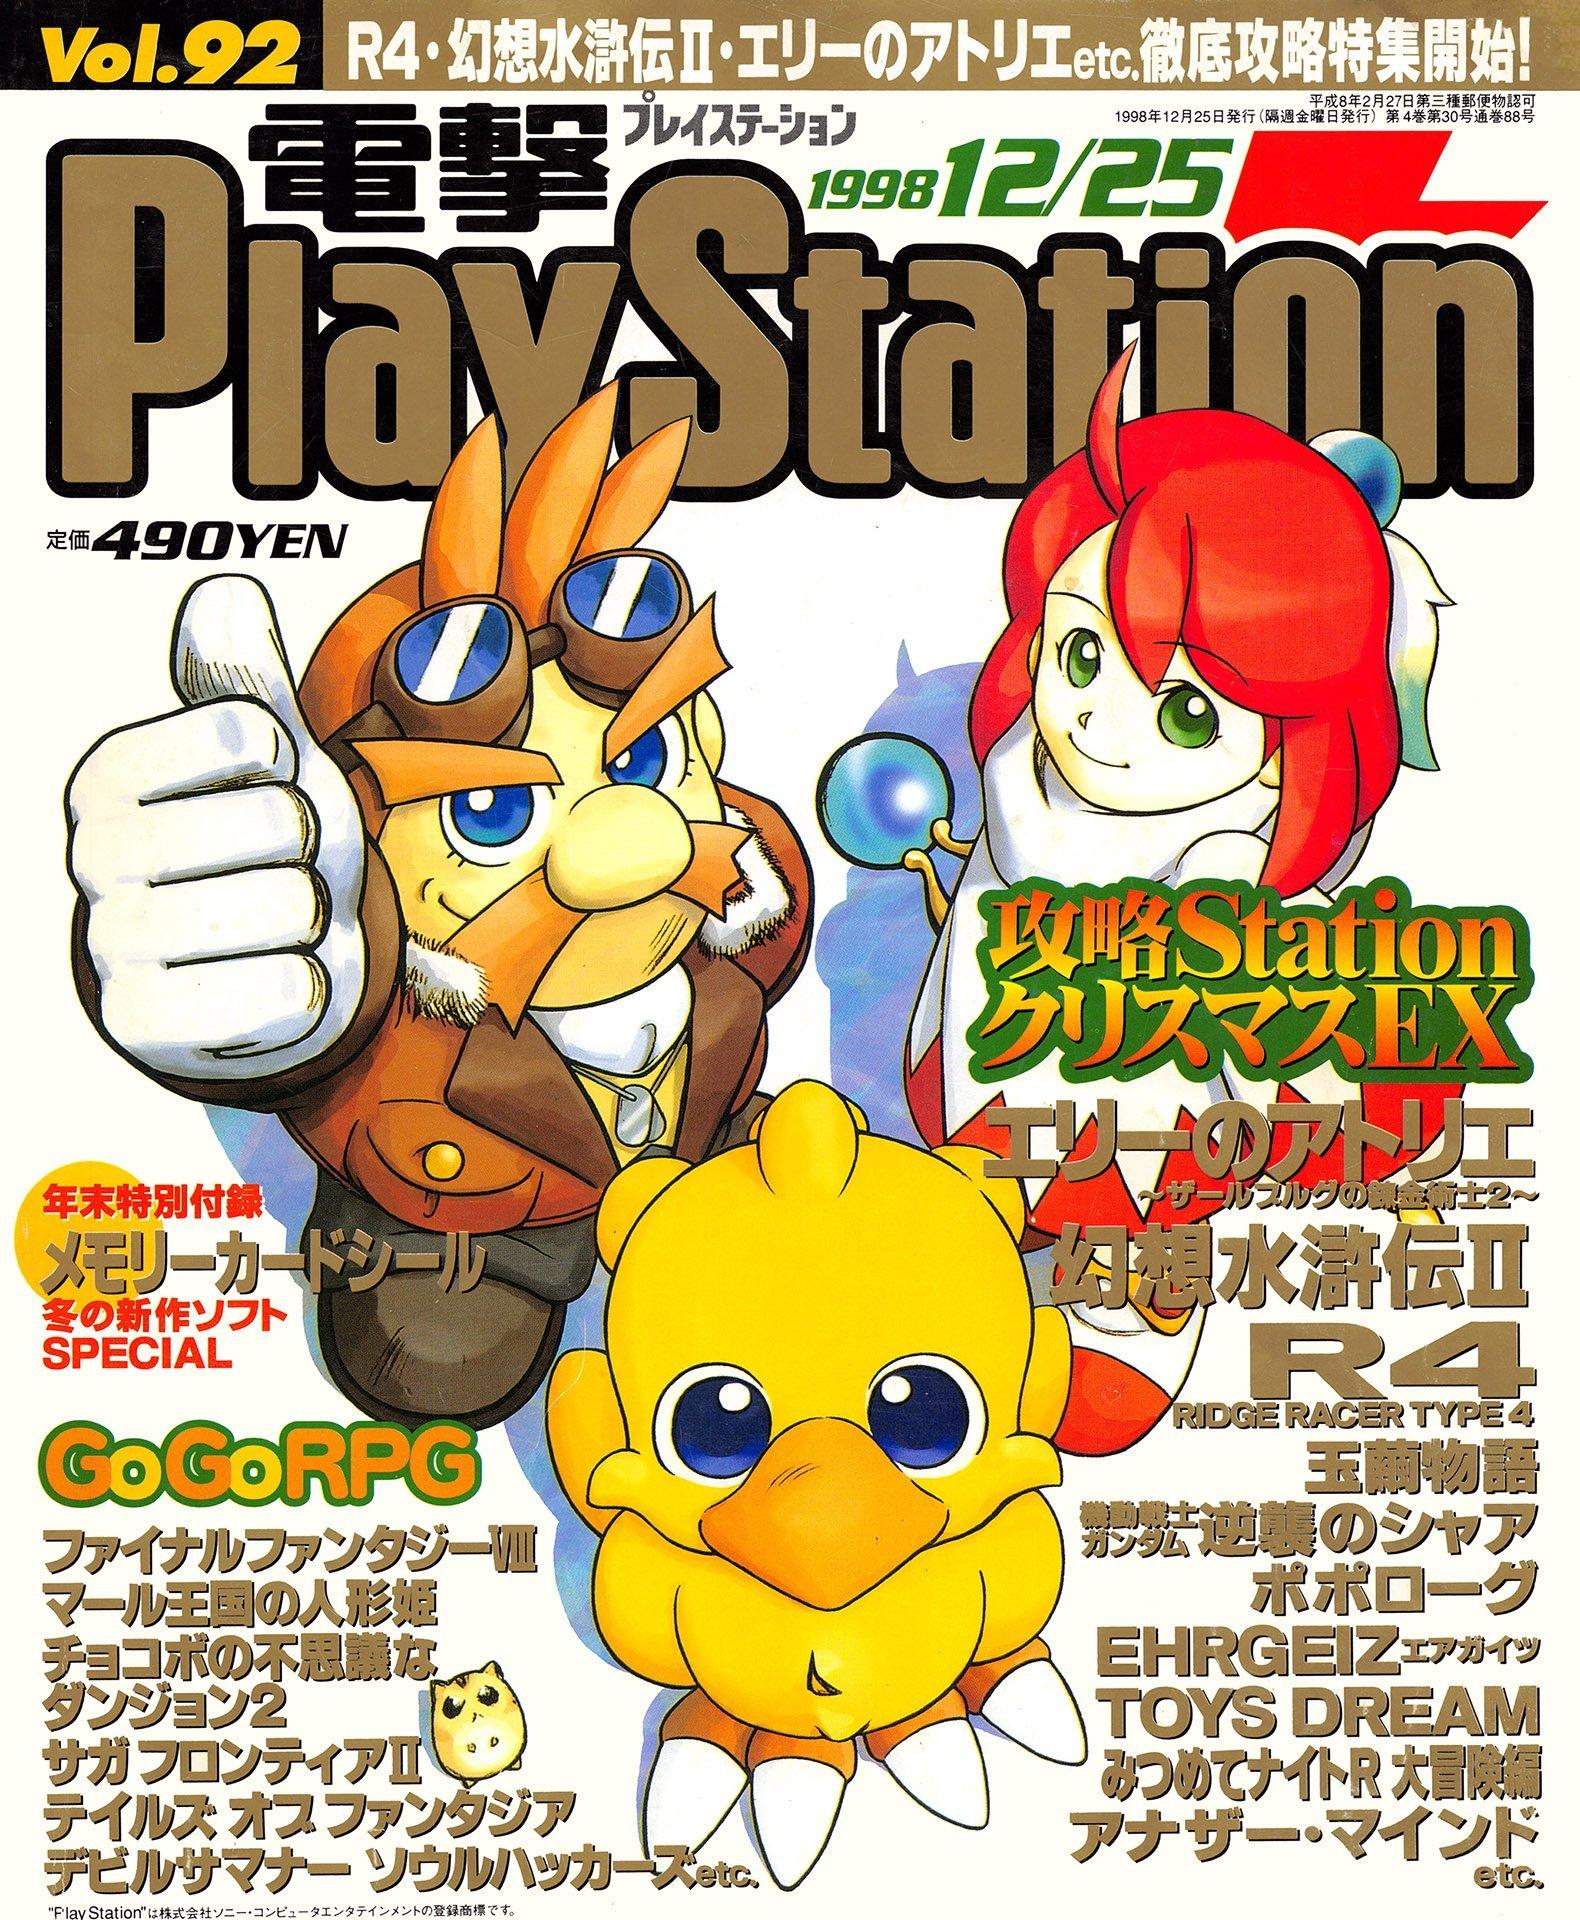 large.979110356_DengekiPlayStationVol.092(December251998).jpg